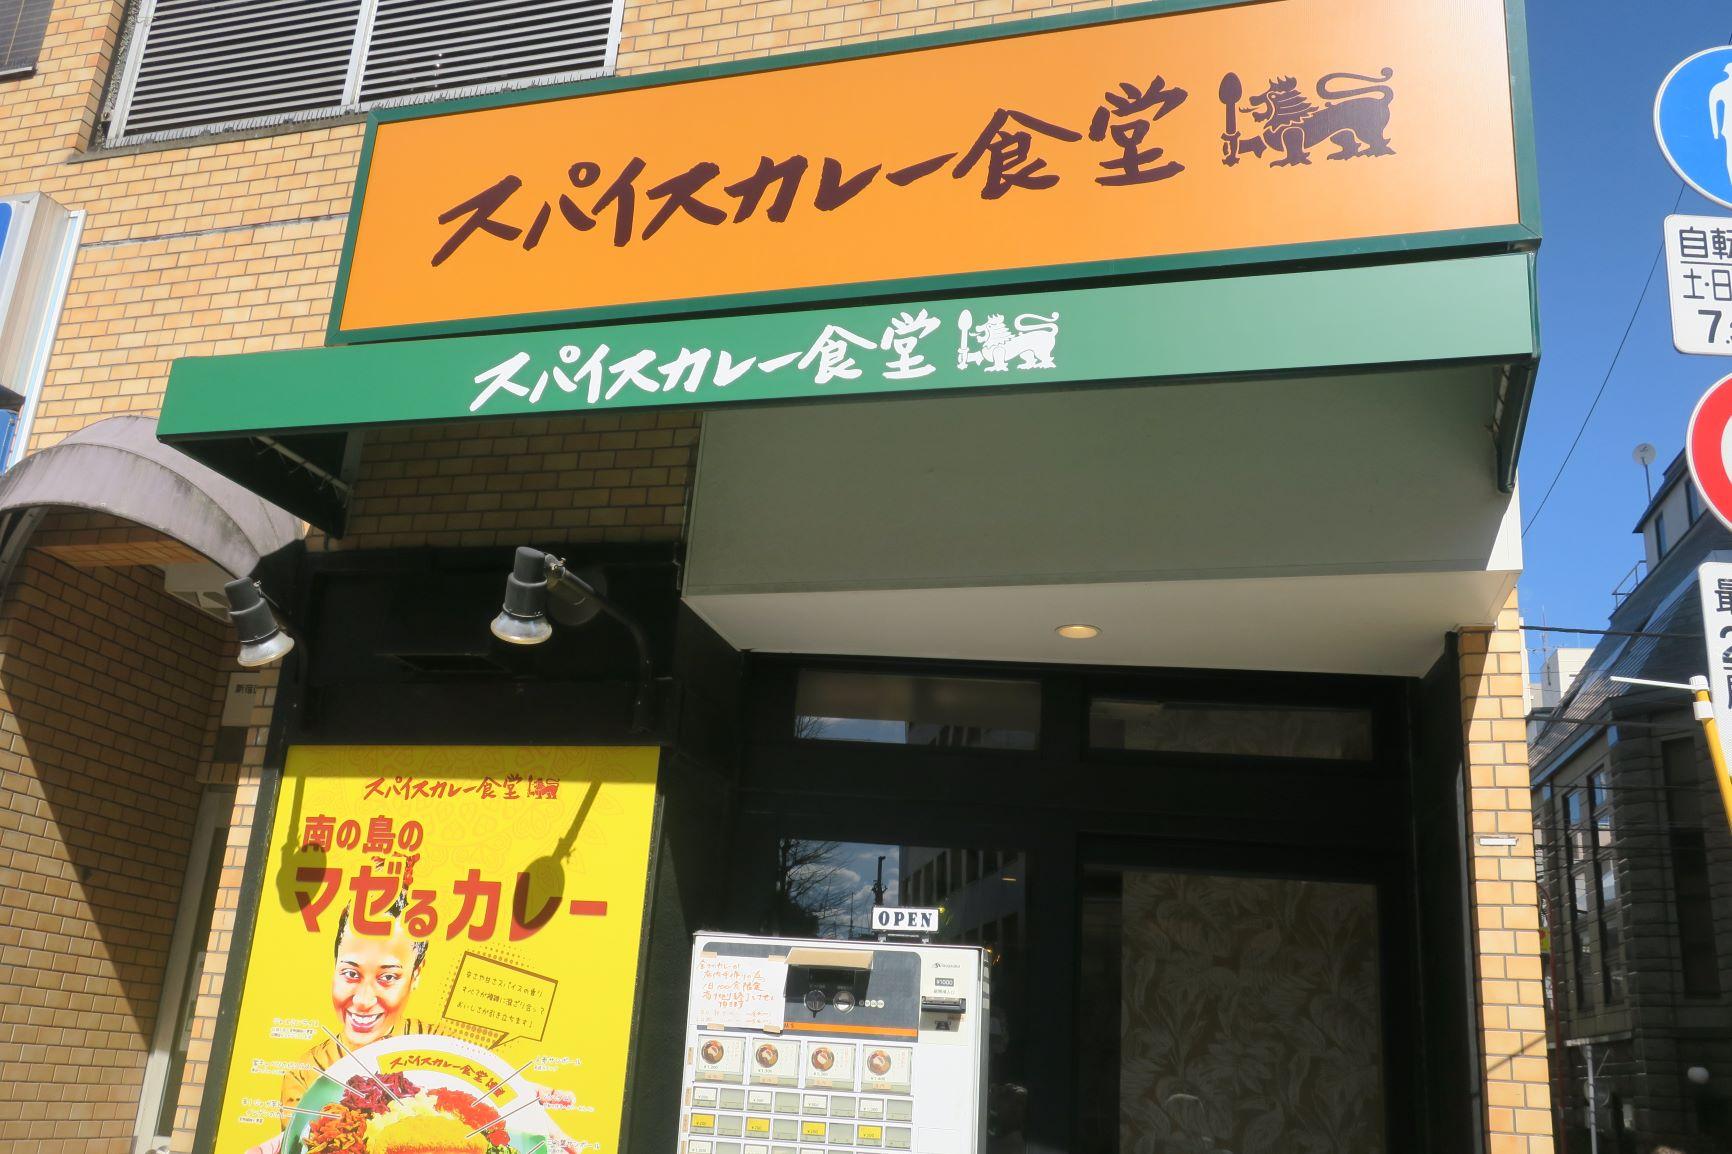 スリランカと日本、夢の架け橋を目指した「スパイスカレー食堂」元気に営業中!